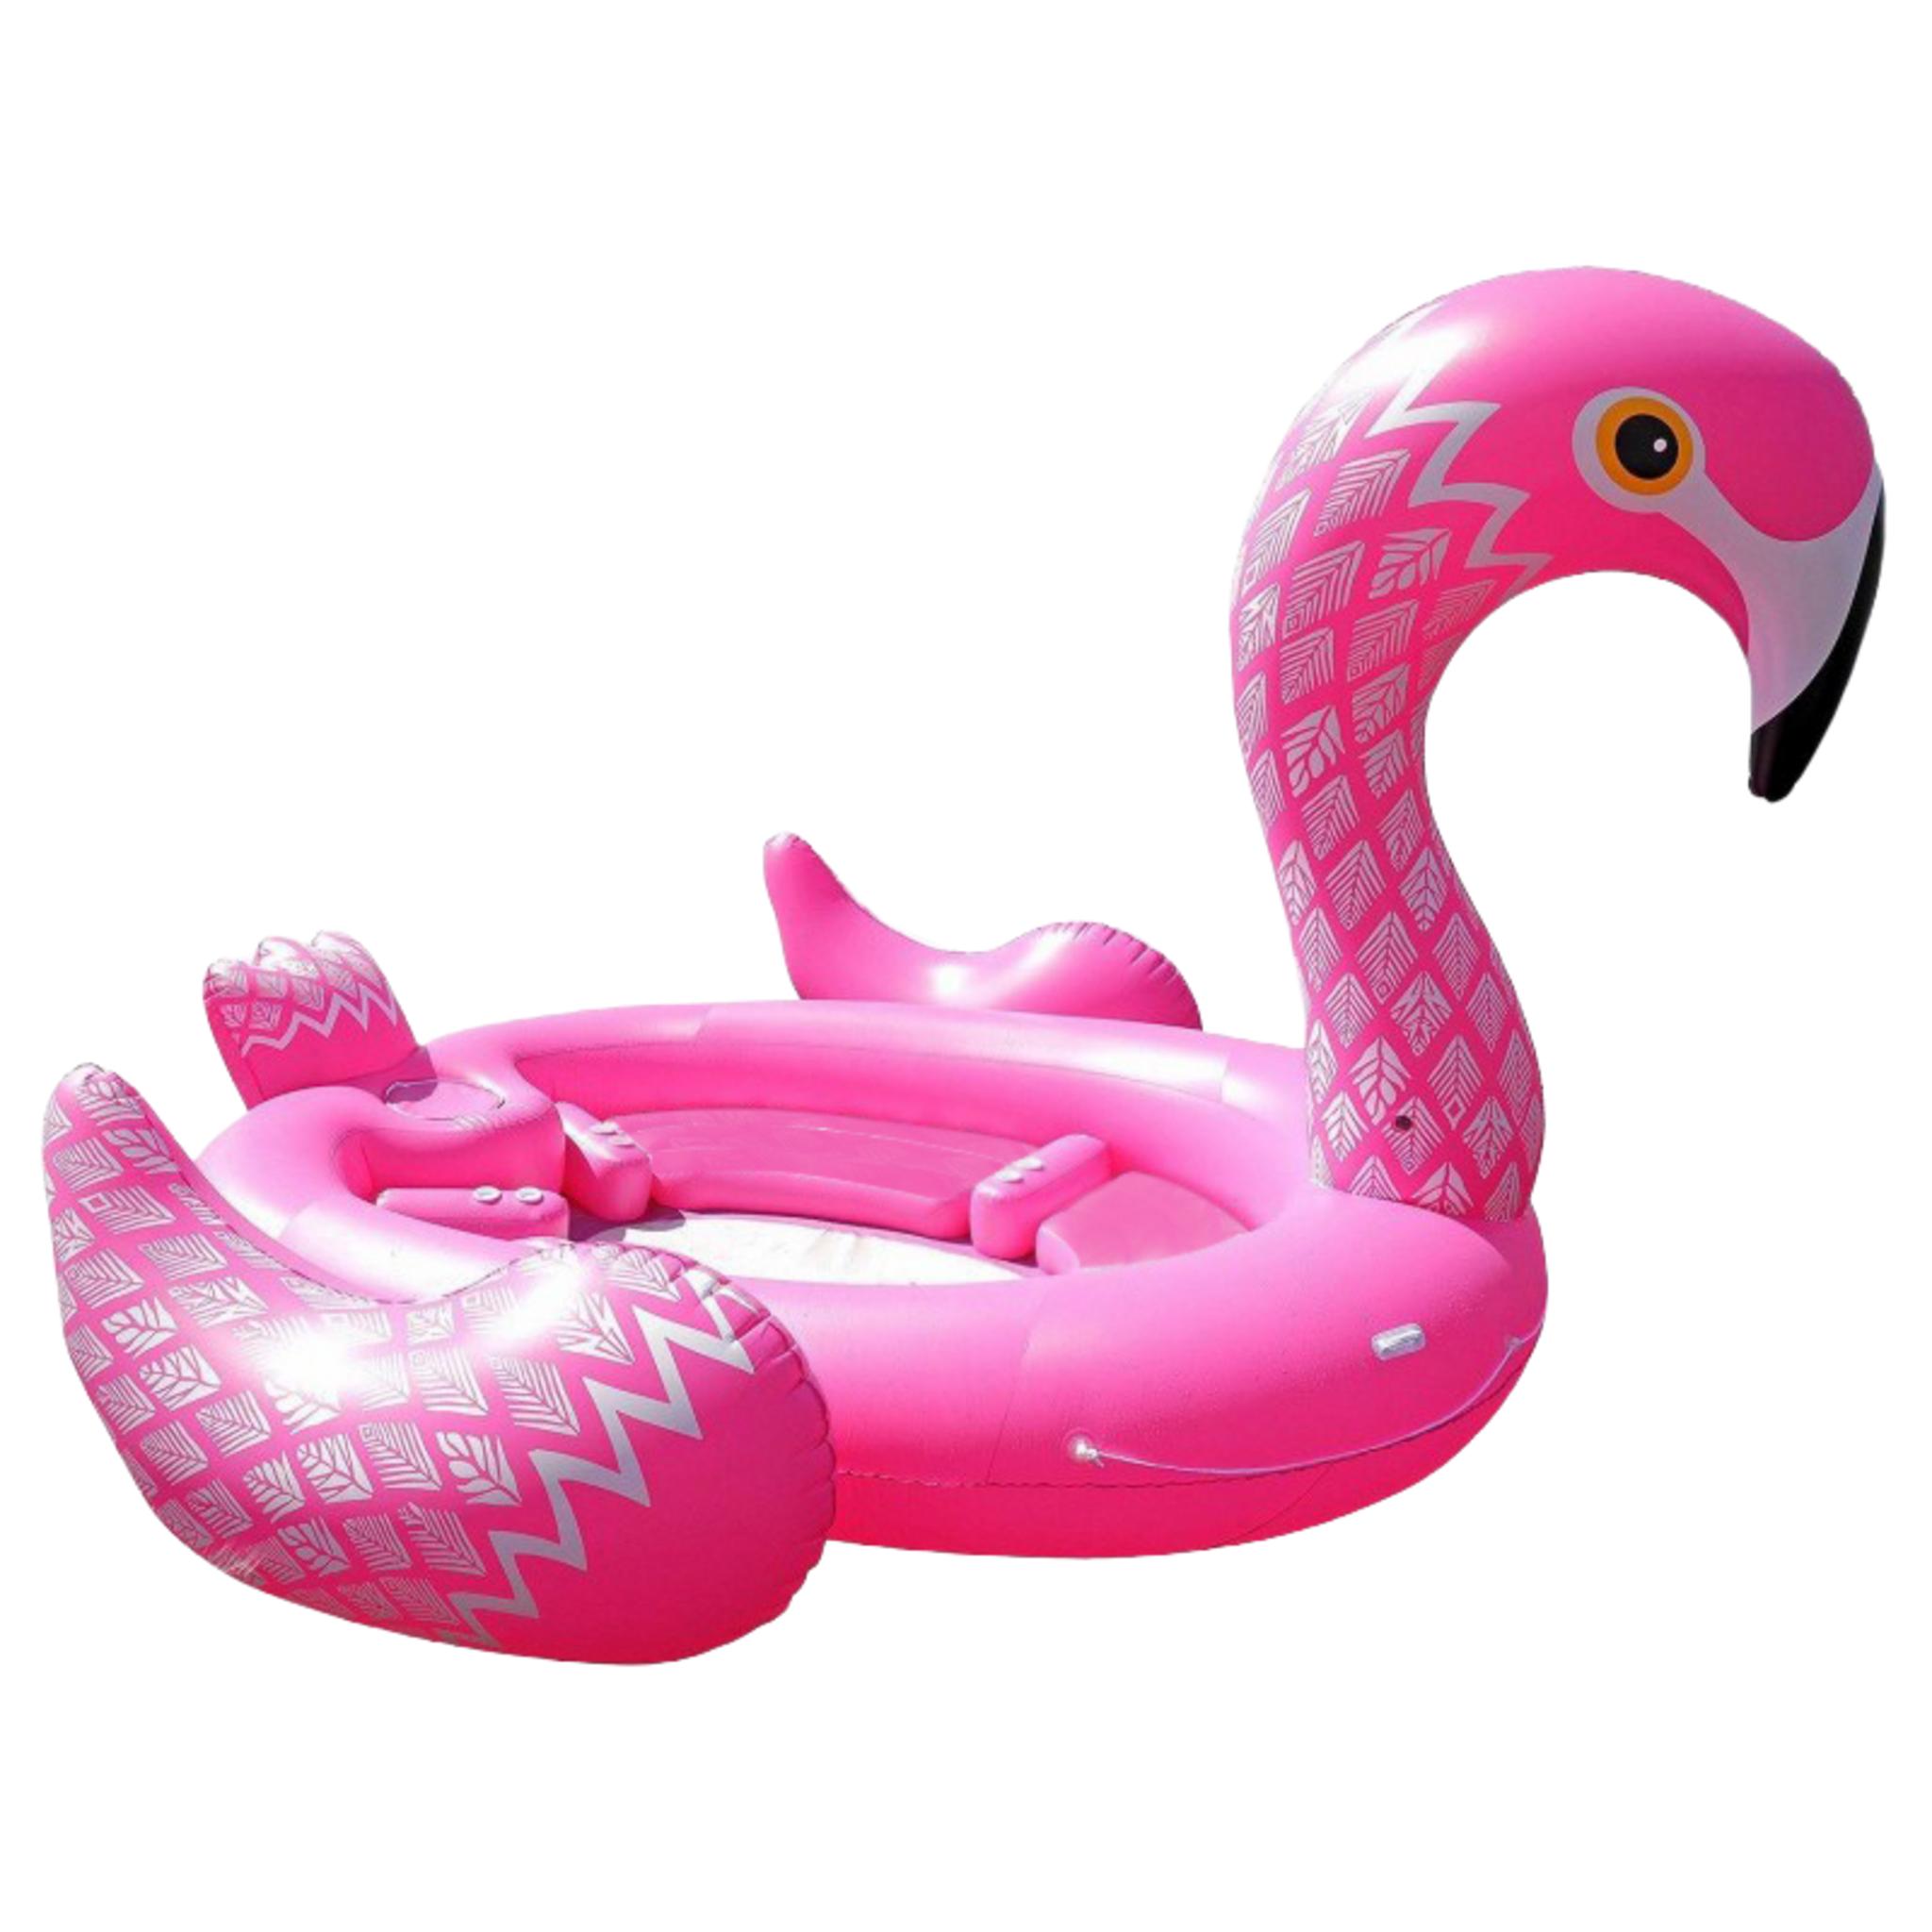 Flamingo Mega flamingo - 488 x 275 cm, luftmadrass